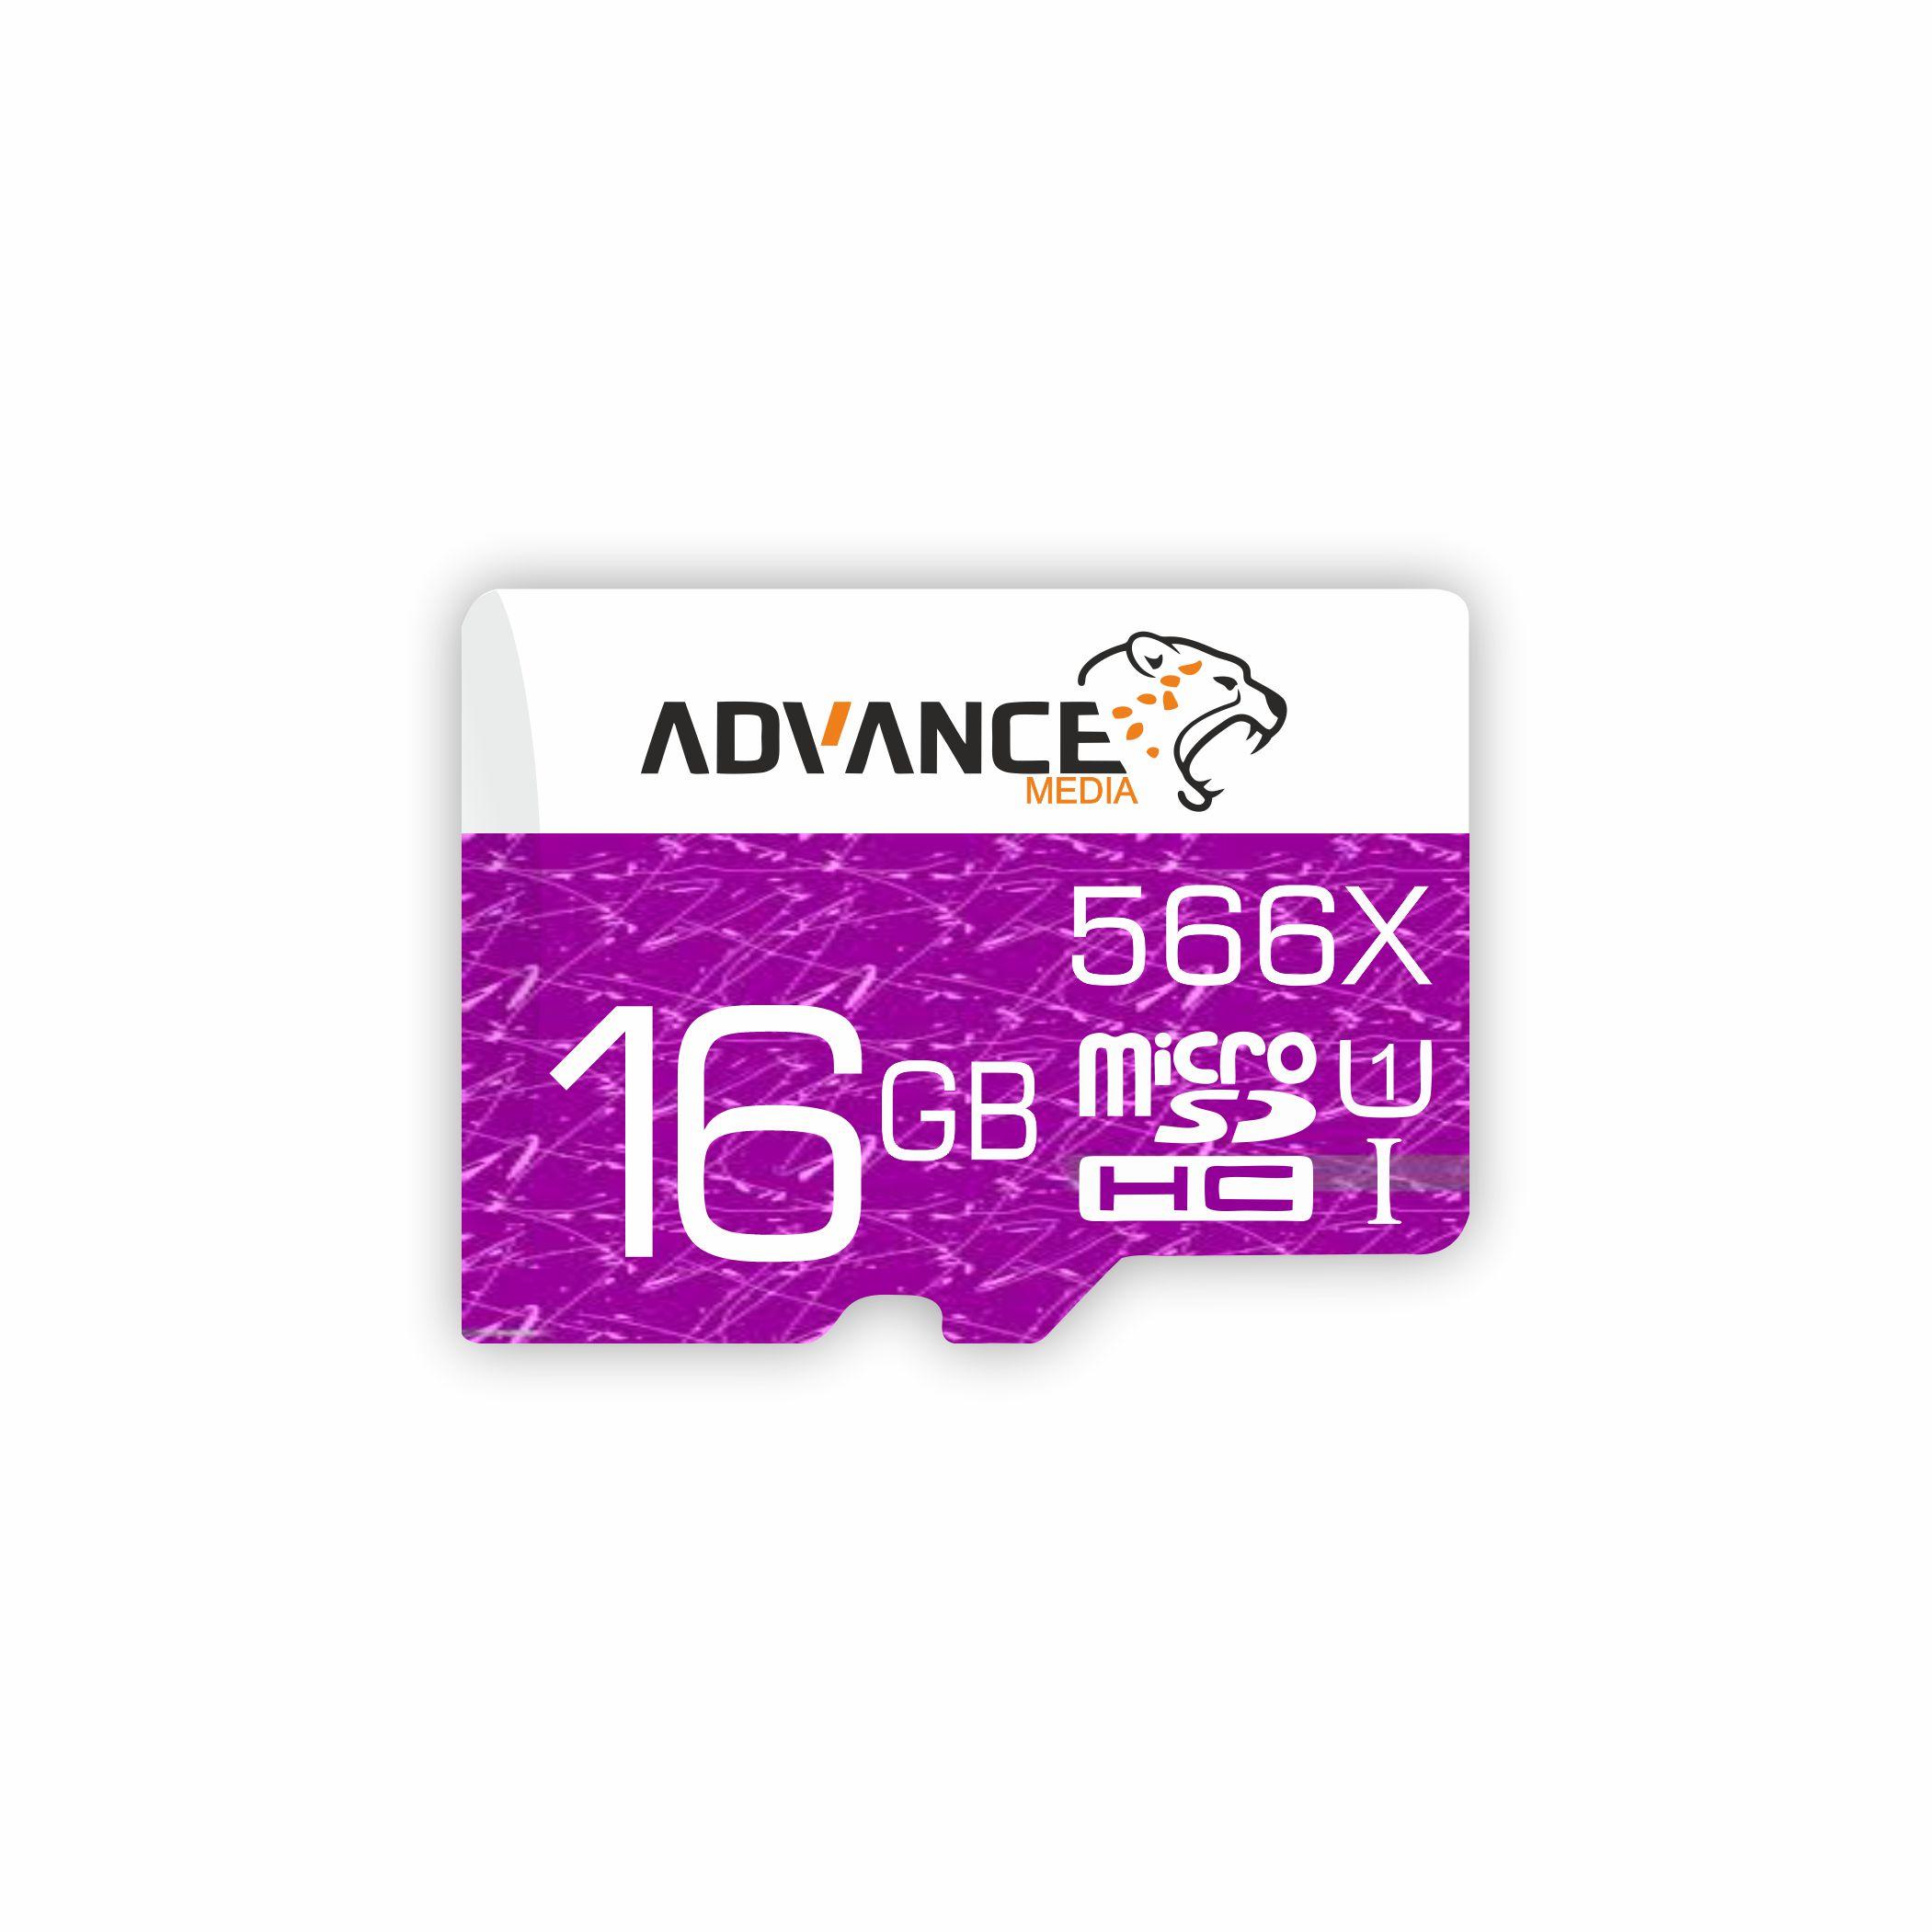 کارت حافظه microSDHC ادونس مدل 566X کلاس 10 استاندارد UHS-I U1 سرعت 85MBps ظرفیت 16گیگابایت